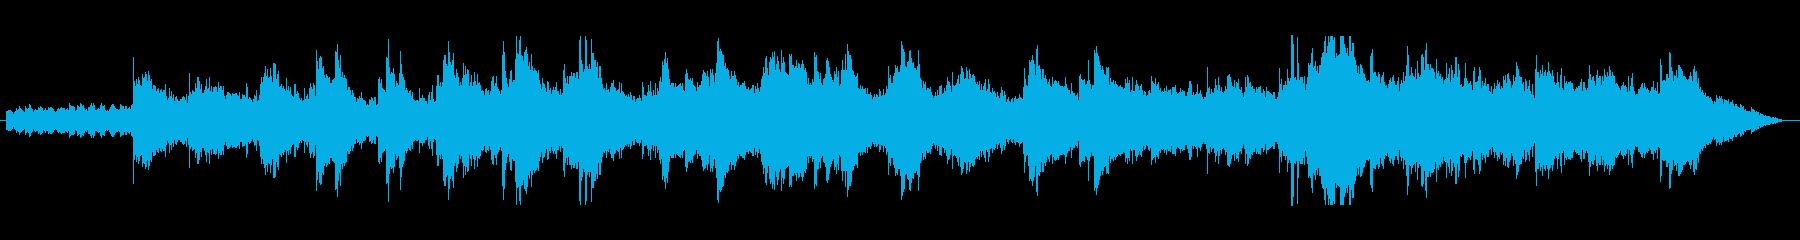 夕景を感じるアンビエント曲の再生済みの波形